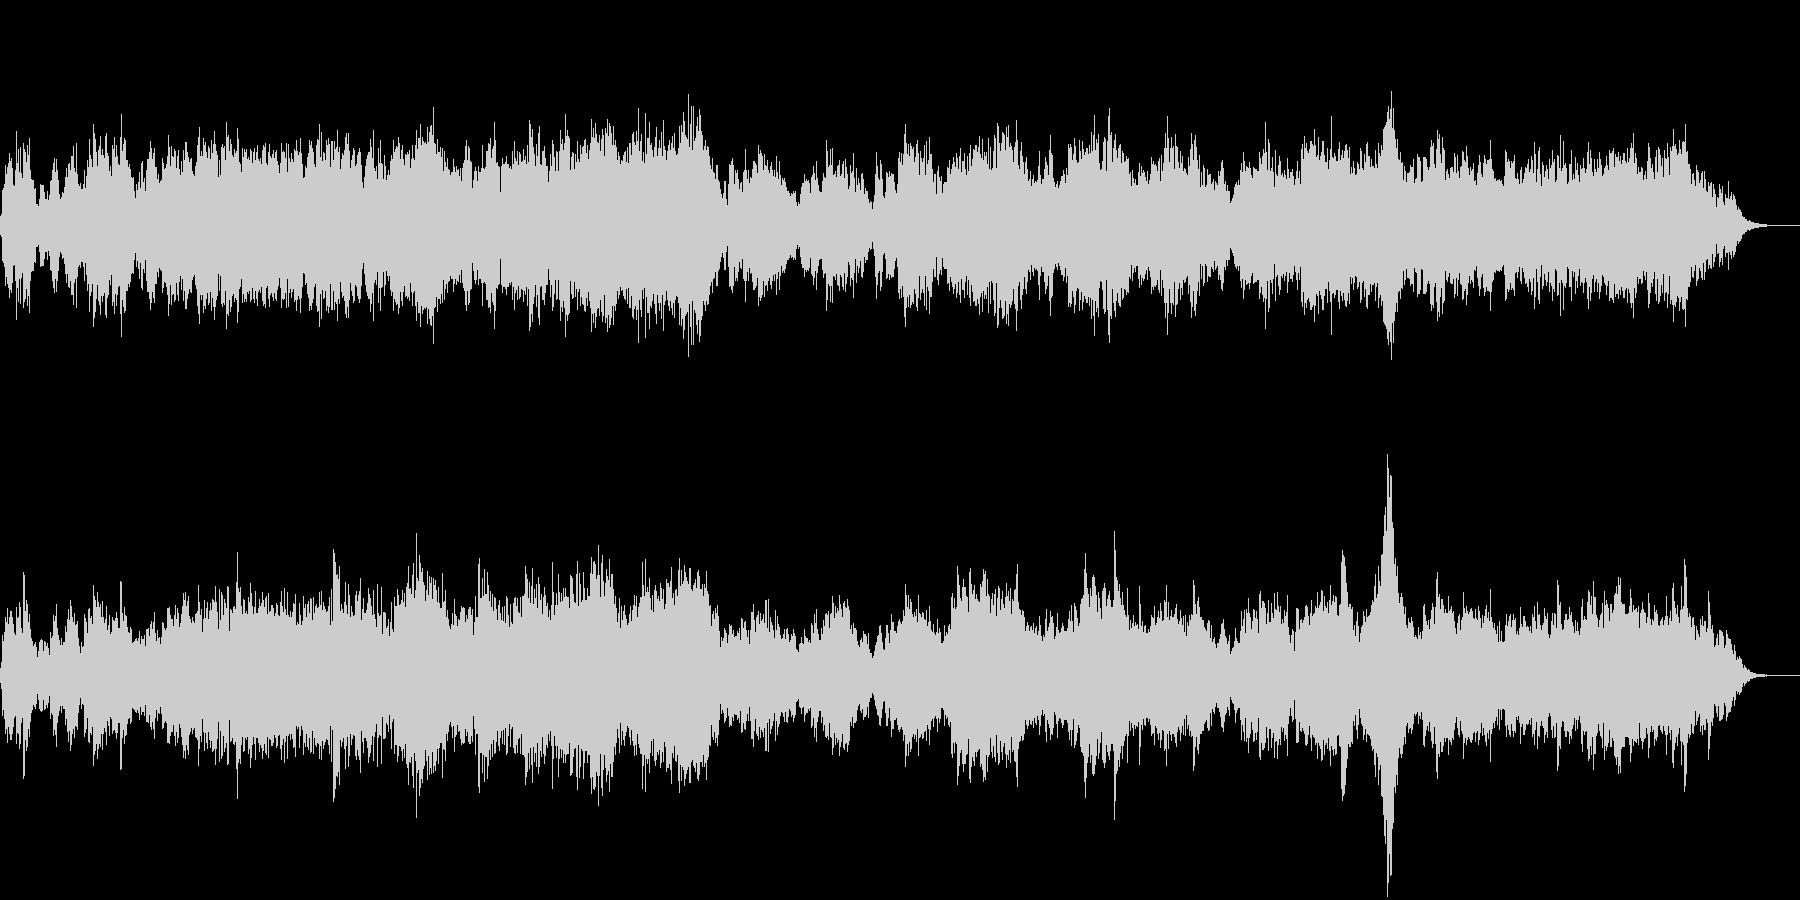 幻想的なシンセサイザーのアンビエント音楽の未再生の波形